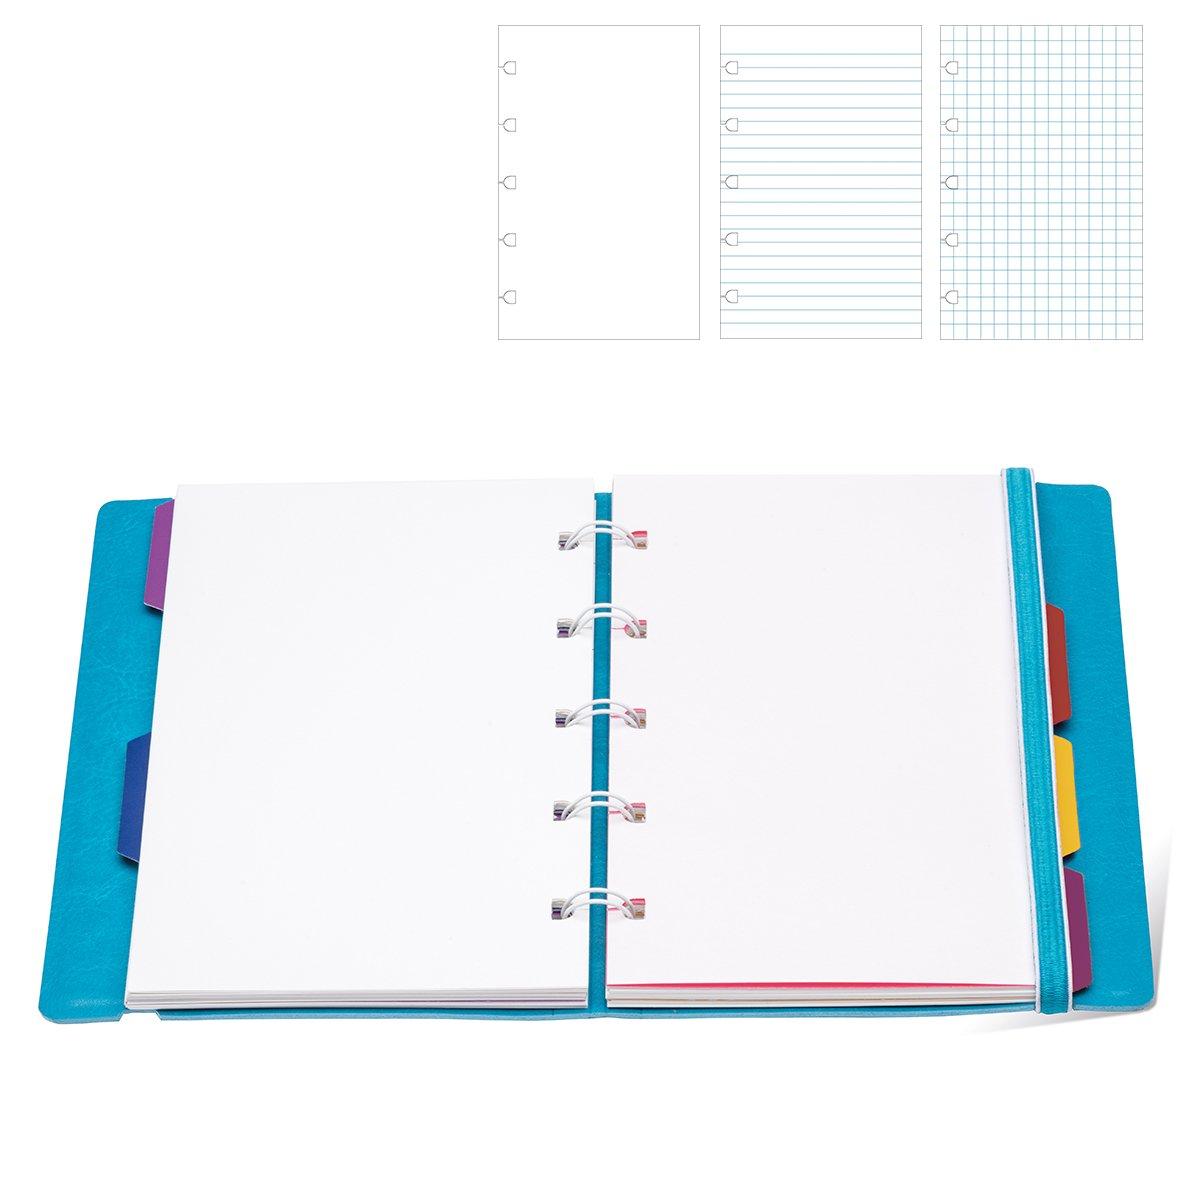 Hojas de recambio Filofax para cuaderno tamaño A5 (a rayas), color blanco 152008